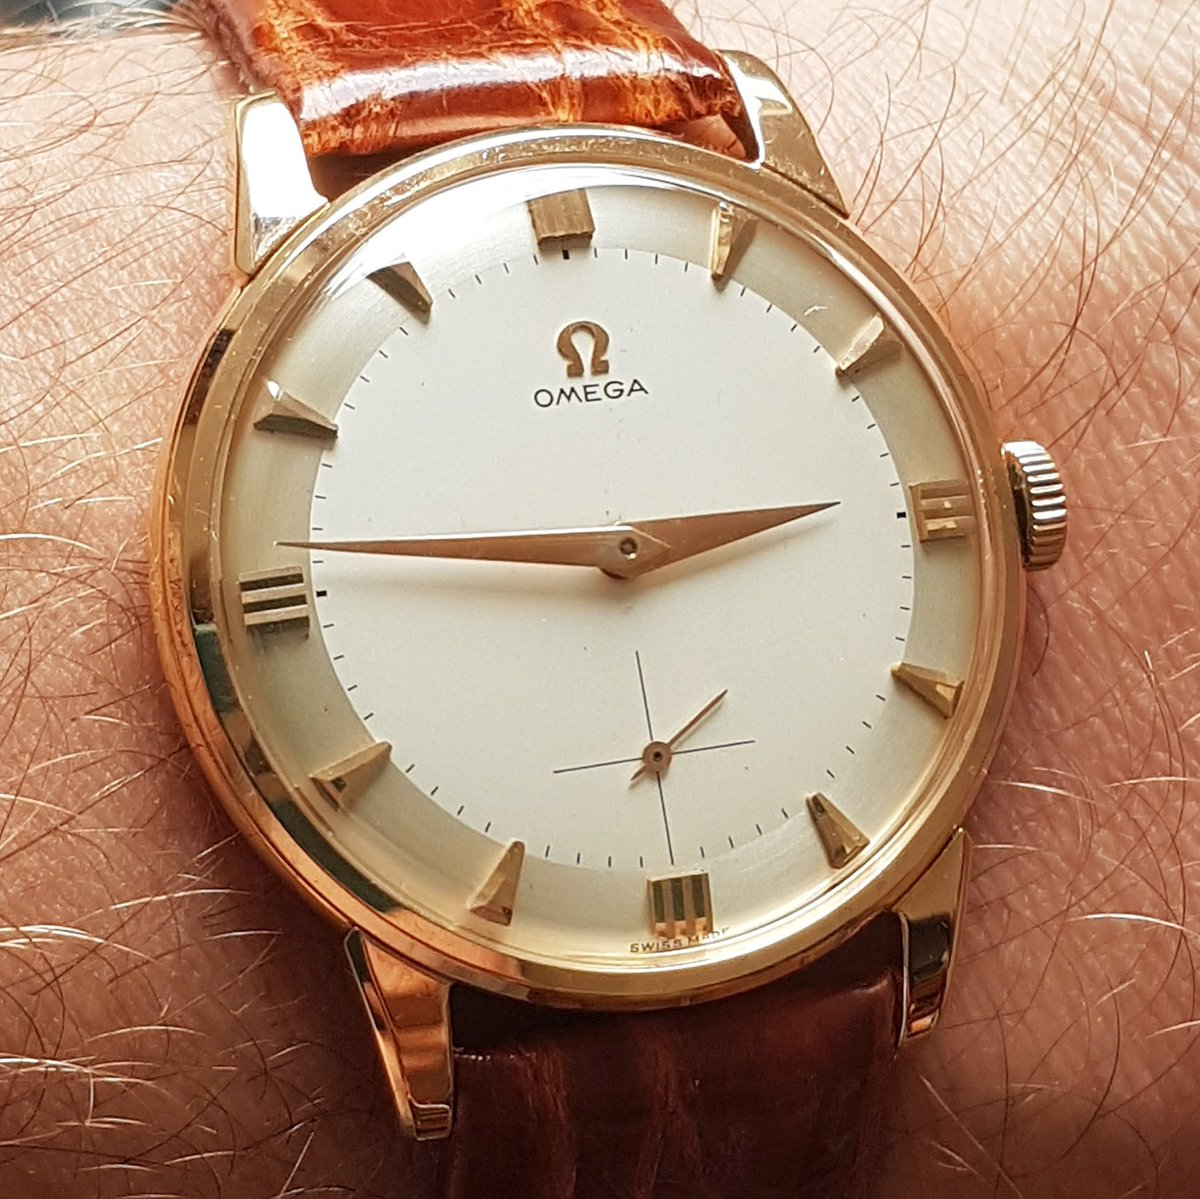 Omega – это безупречное качество и уникальный дизайн часовых механизмов, которые сохранились и преумножаются от истоков компании до настоящего времени.